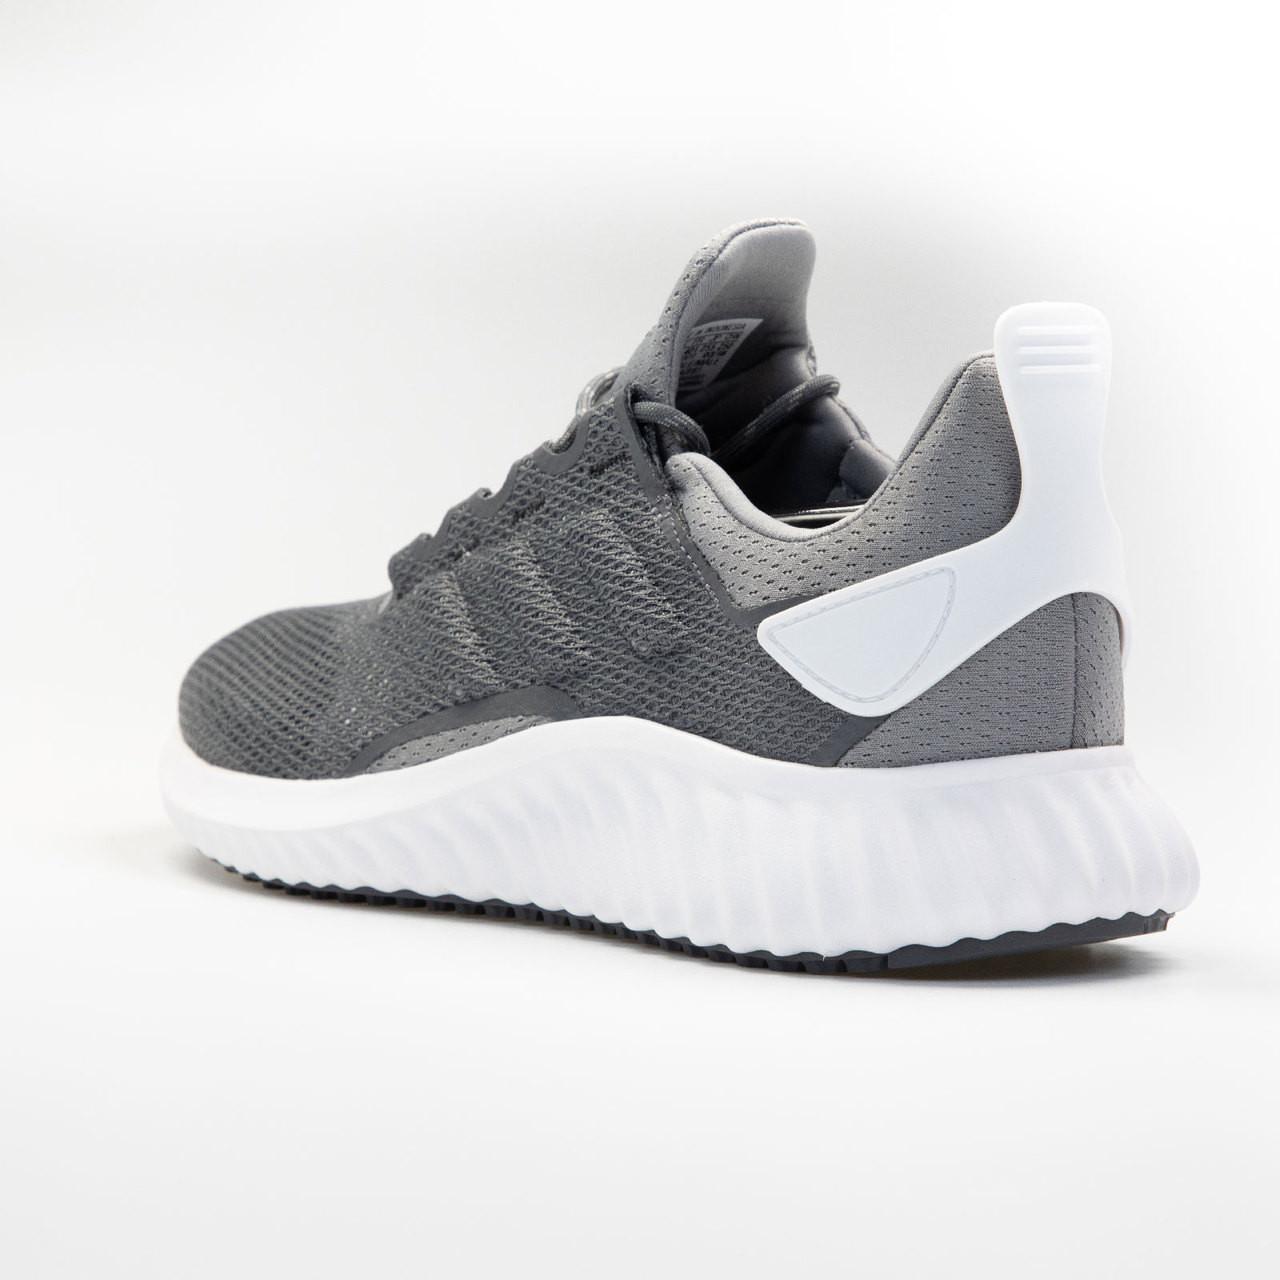 99297eff34404 ... Adidas Alphabounce Cityrun CC Men s Sneakers AC8183 - Gray